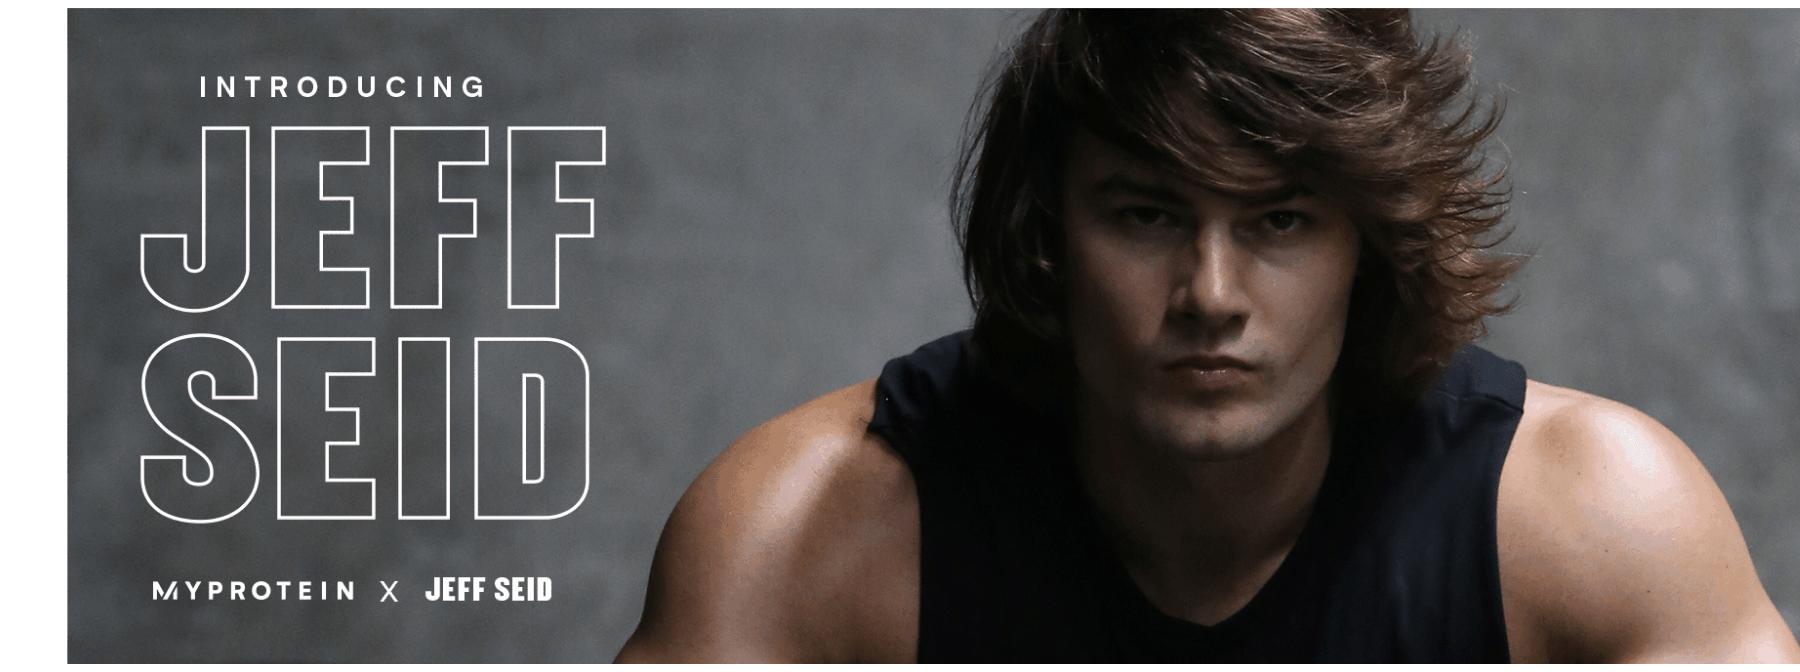 Jeff Seid | Seine Motivation, um ein Natural Pro Bodybuilder zu werden & sich Team Myprotein anzuschließen